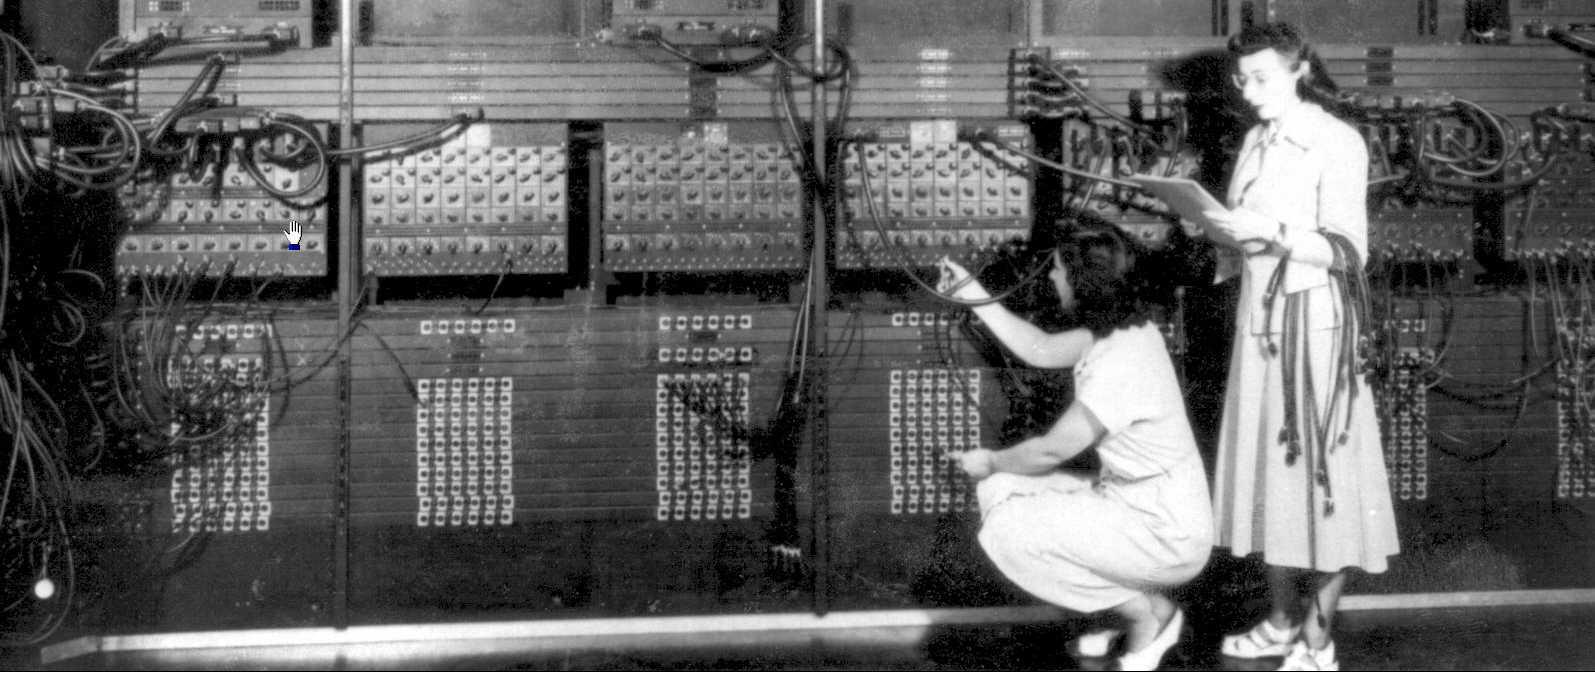 Resultado de imagen para ENIAC